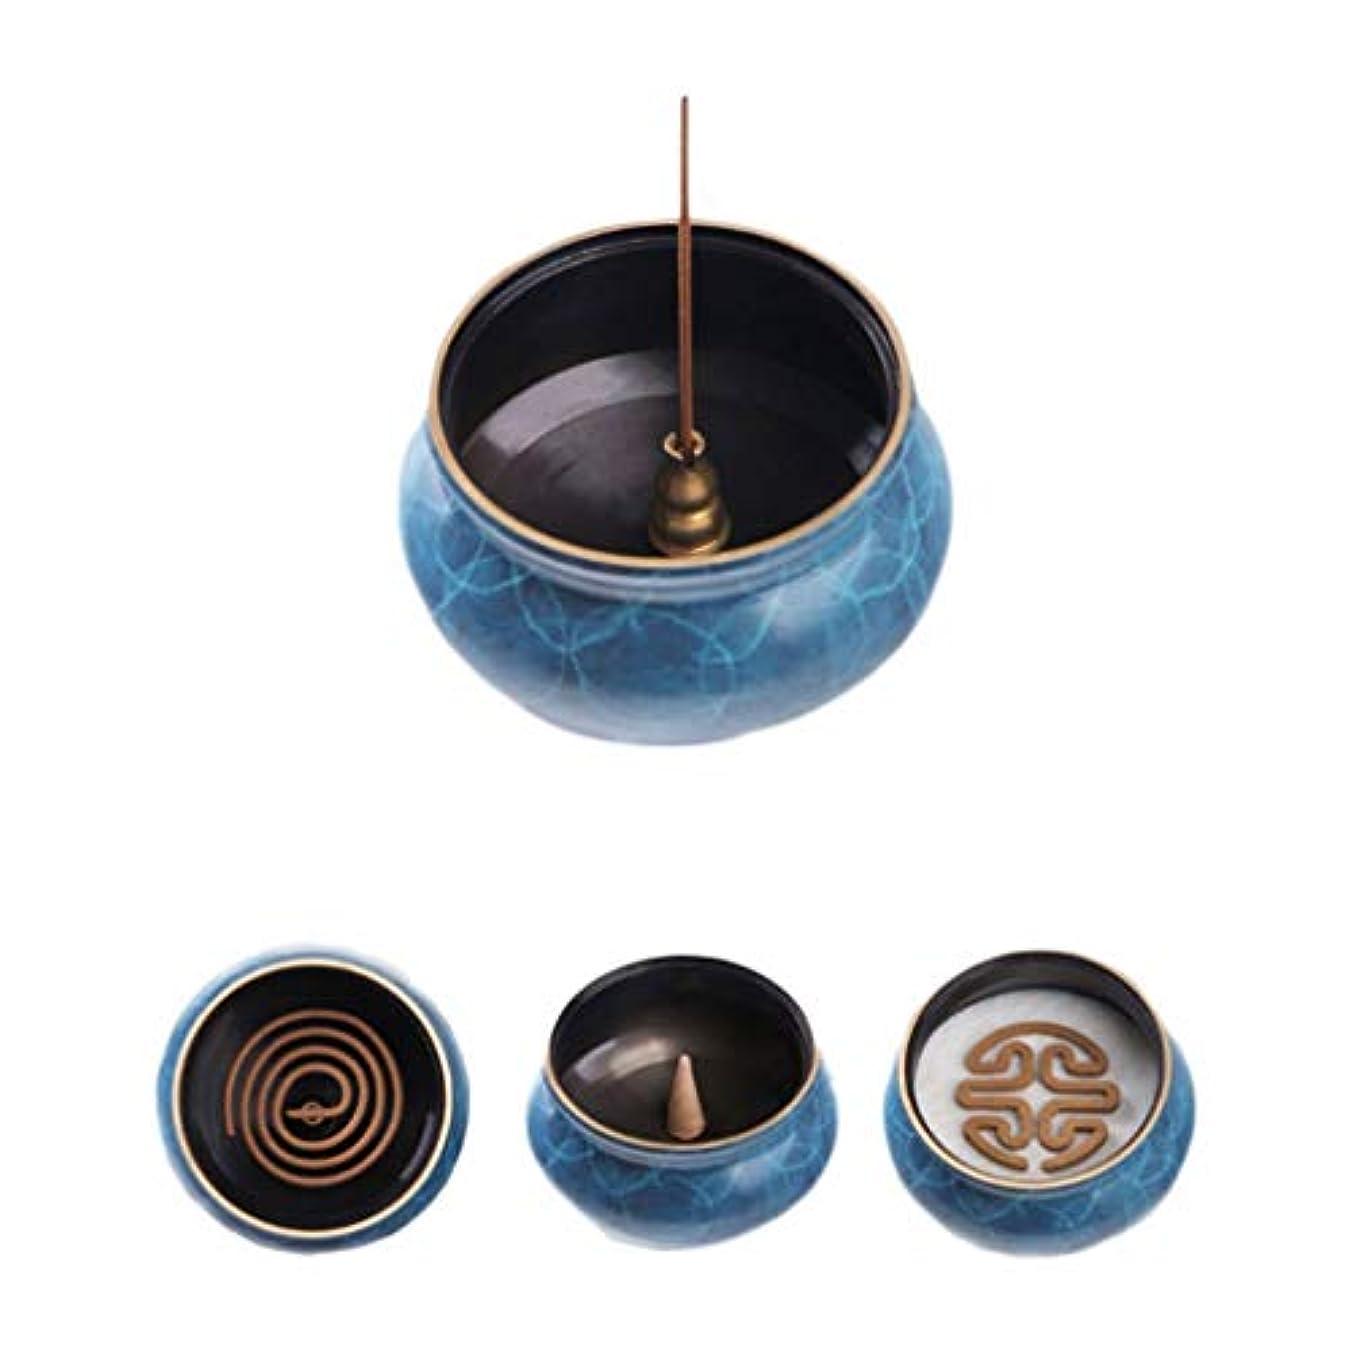 専門知識香水ブリーク芳香器?アロマバーナー 純粋な銅香炉ホームアンティーク白檀用仏寒天香炉香り装飾アロマセラピー炉 芳香器?アロマバーナー (Color : Blue copper)